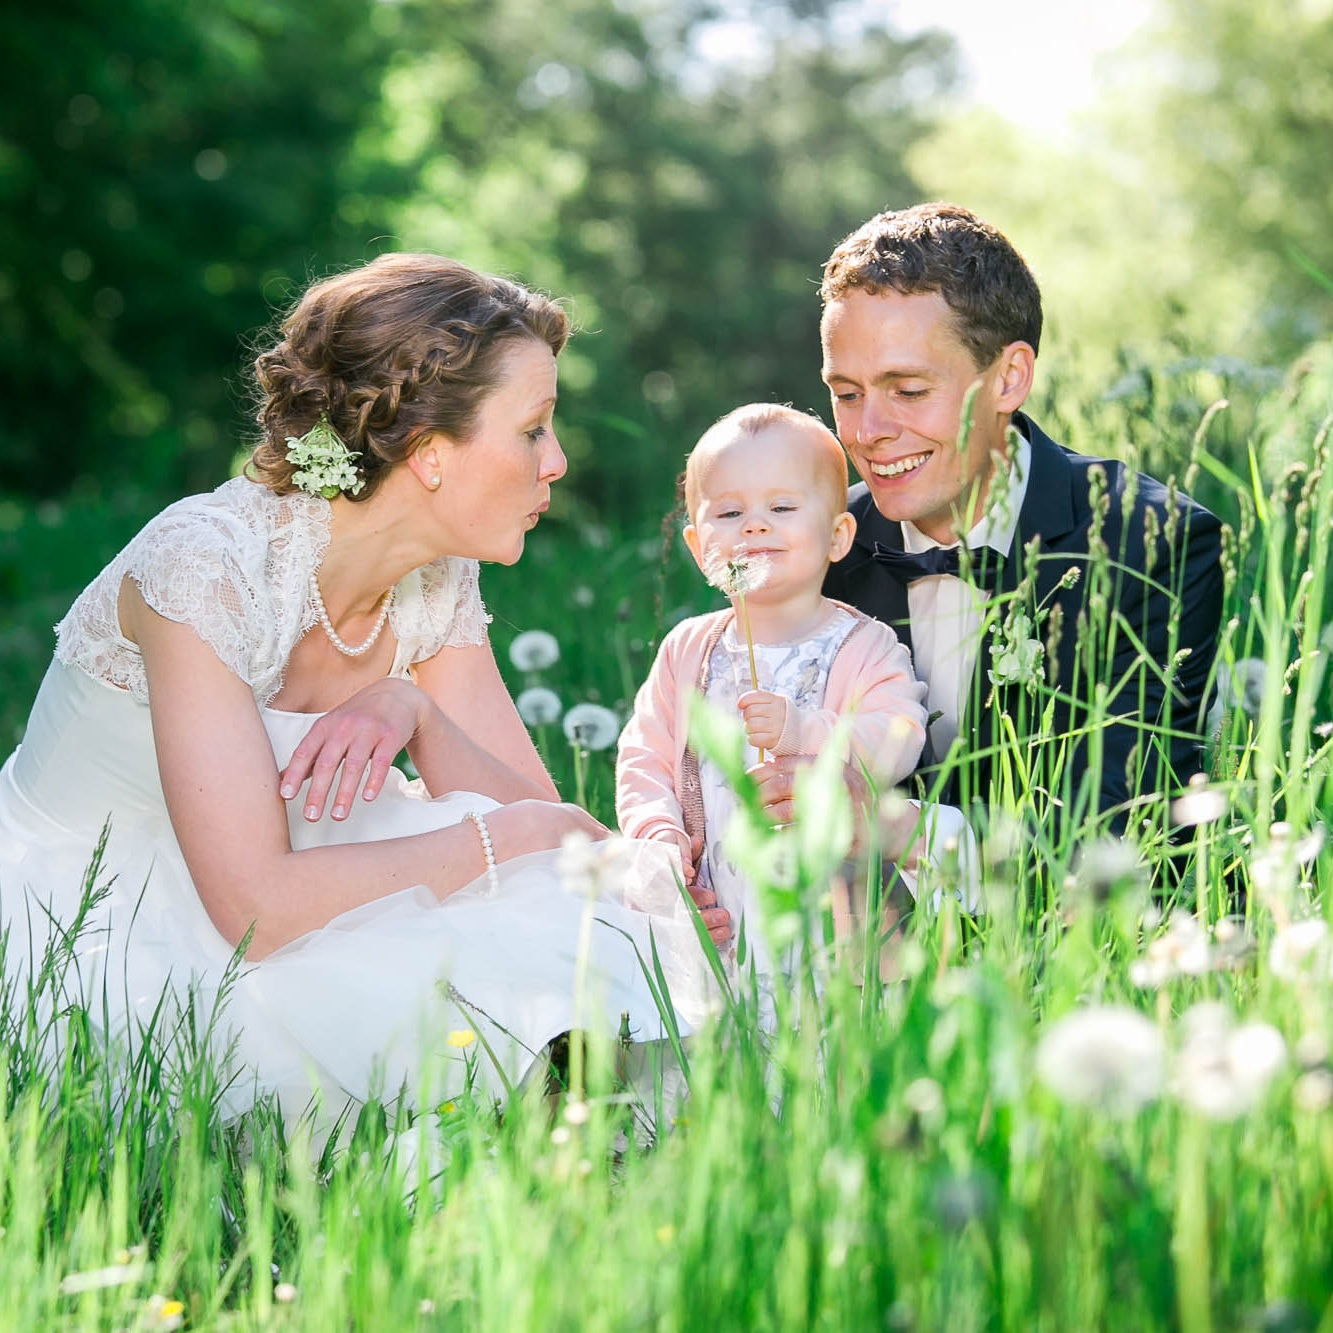 Masser af erfaring - Jeg har erfaring. Med mere end 12 bryllupper om året i Nordjylland giver det jer sikkerhed for et godt resultat. Med Thellufsenfoto som fotograf til jeres bryllup, er I sikker på at få den bedste service og de bedste resultater.